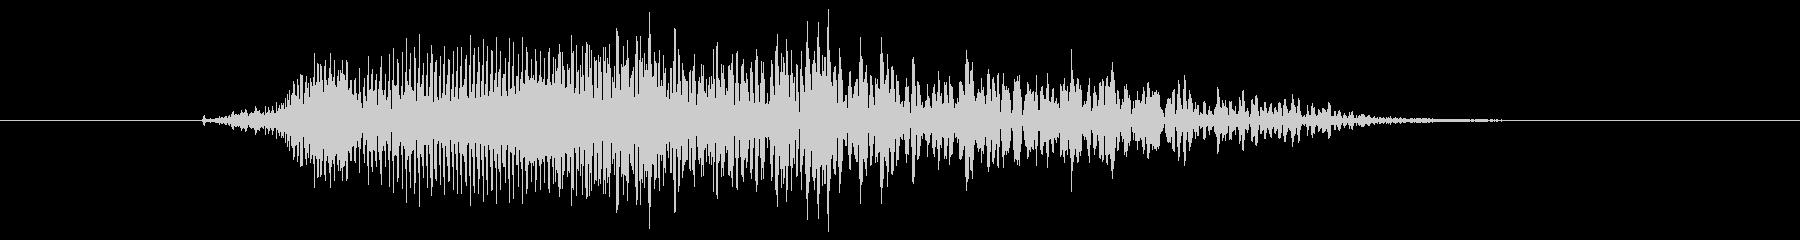 鳴き声 男性コンバットヒットハード17の未再生の波形